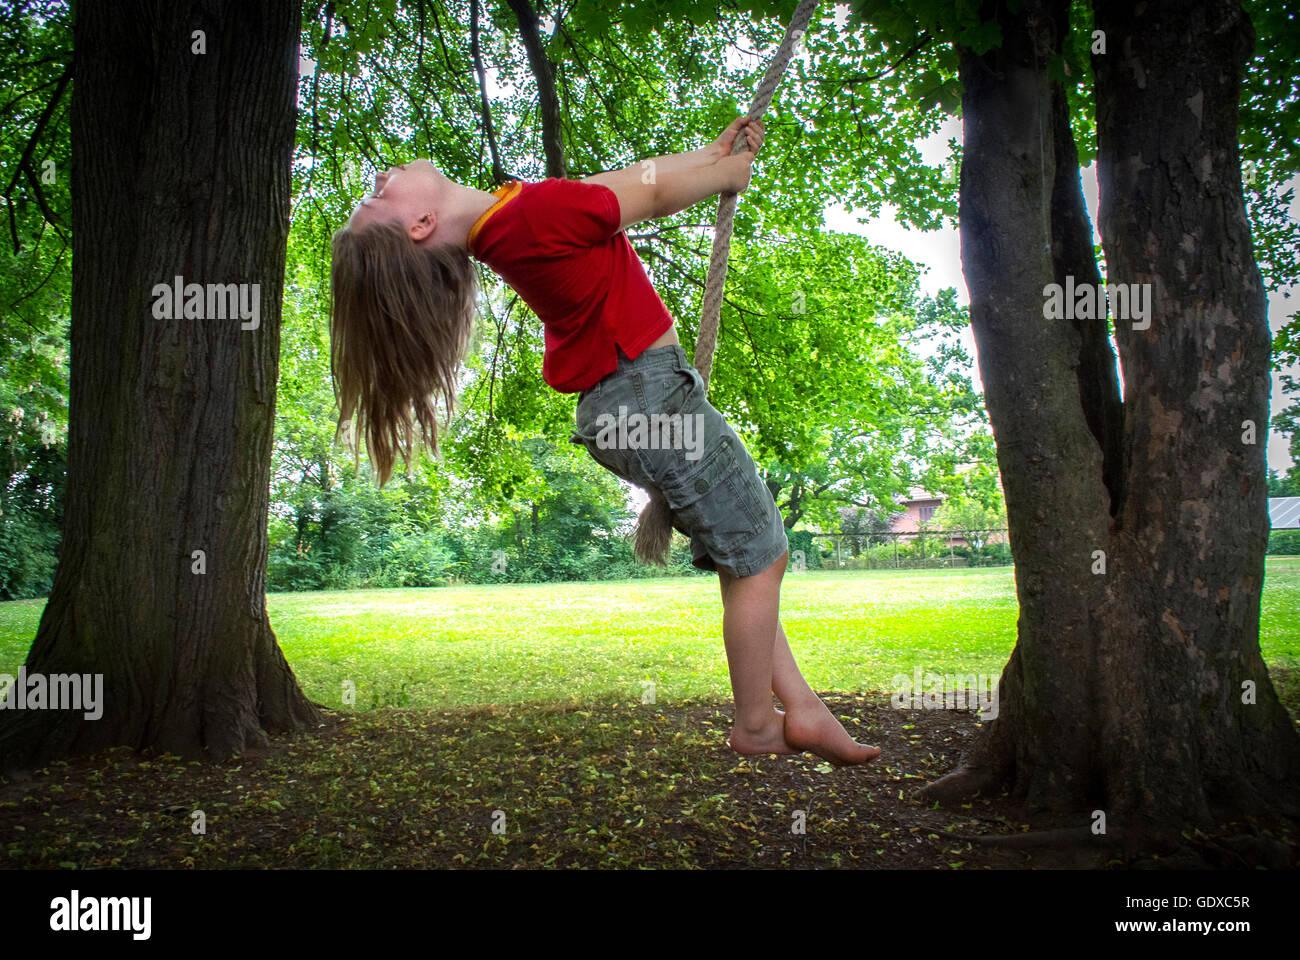 Une jeune fille se balançant sur une corde de l'arbre. Photo Stock